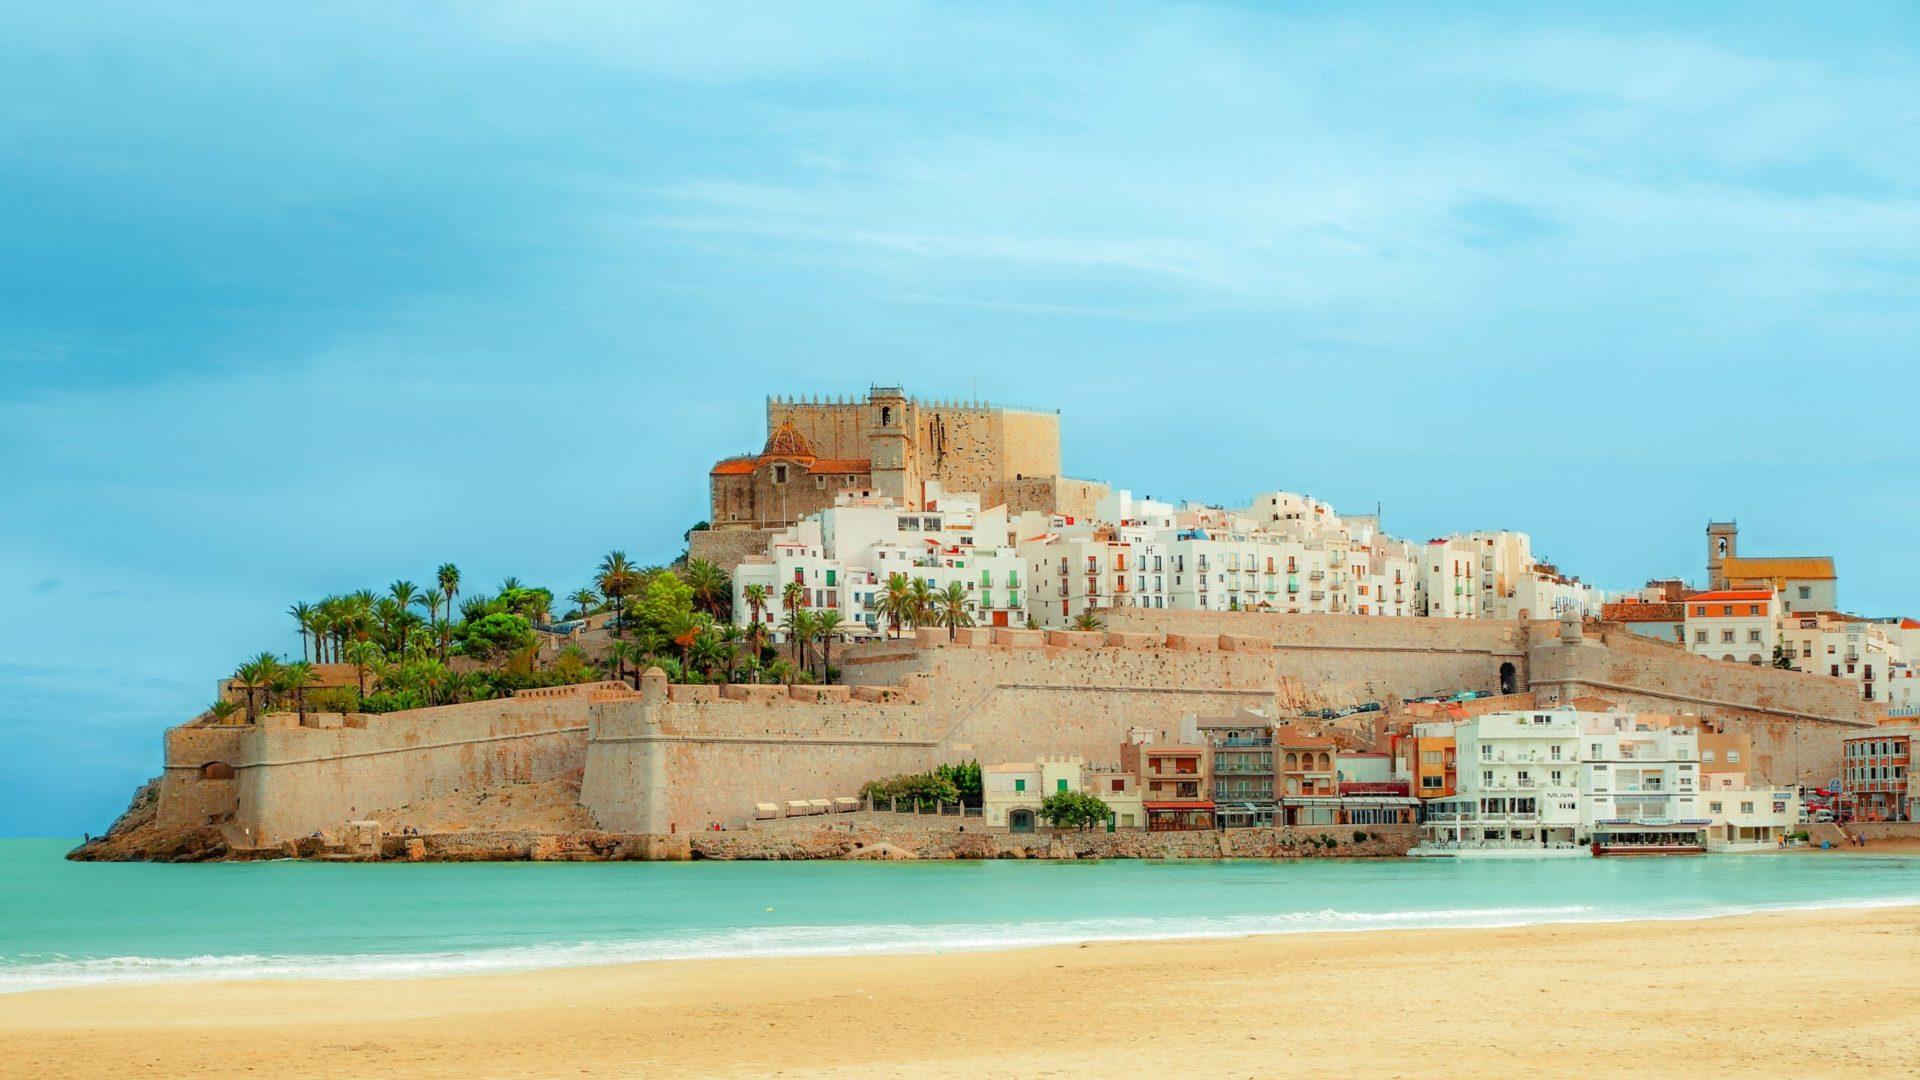 Wassertemperatur Spanien: Altstadt mit Burg von Peñíscola auf Landzunge im Mittelmeer